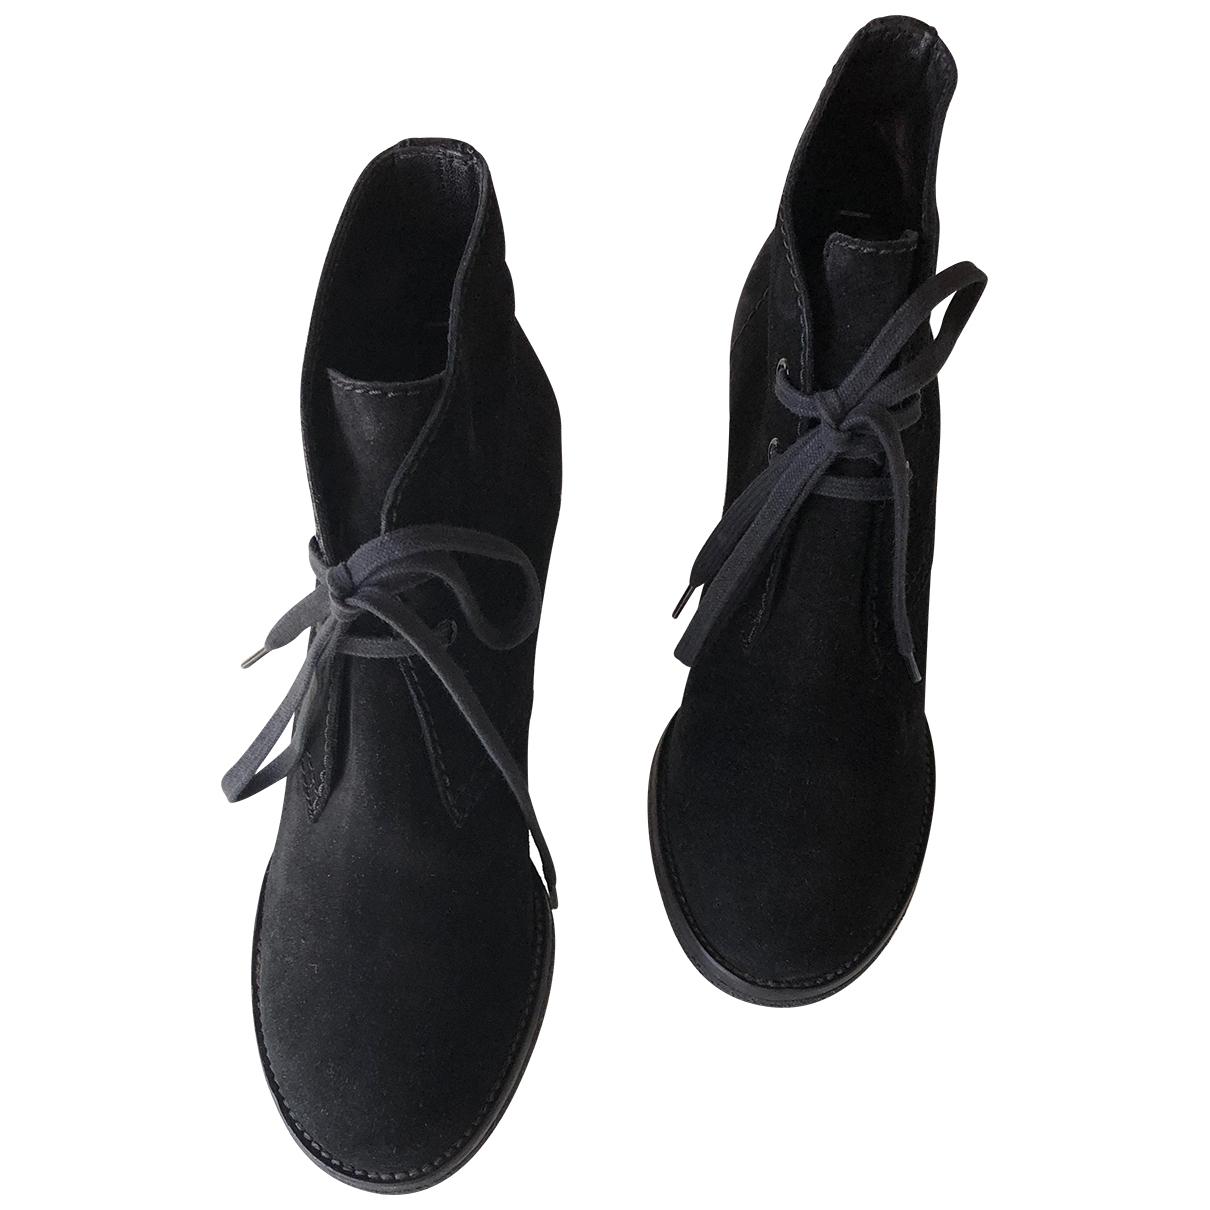 Veronique Branquinho - Boots   pour femme en suede - noir